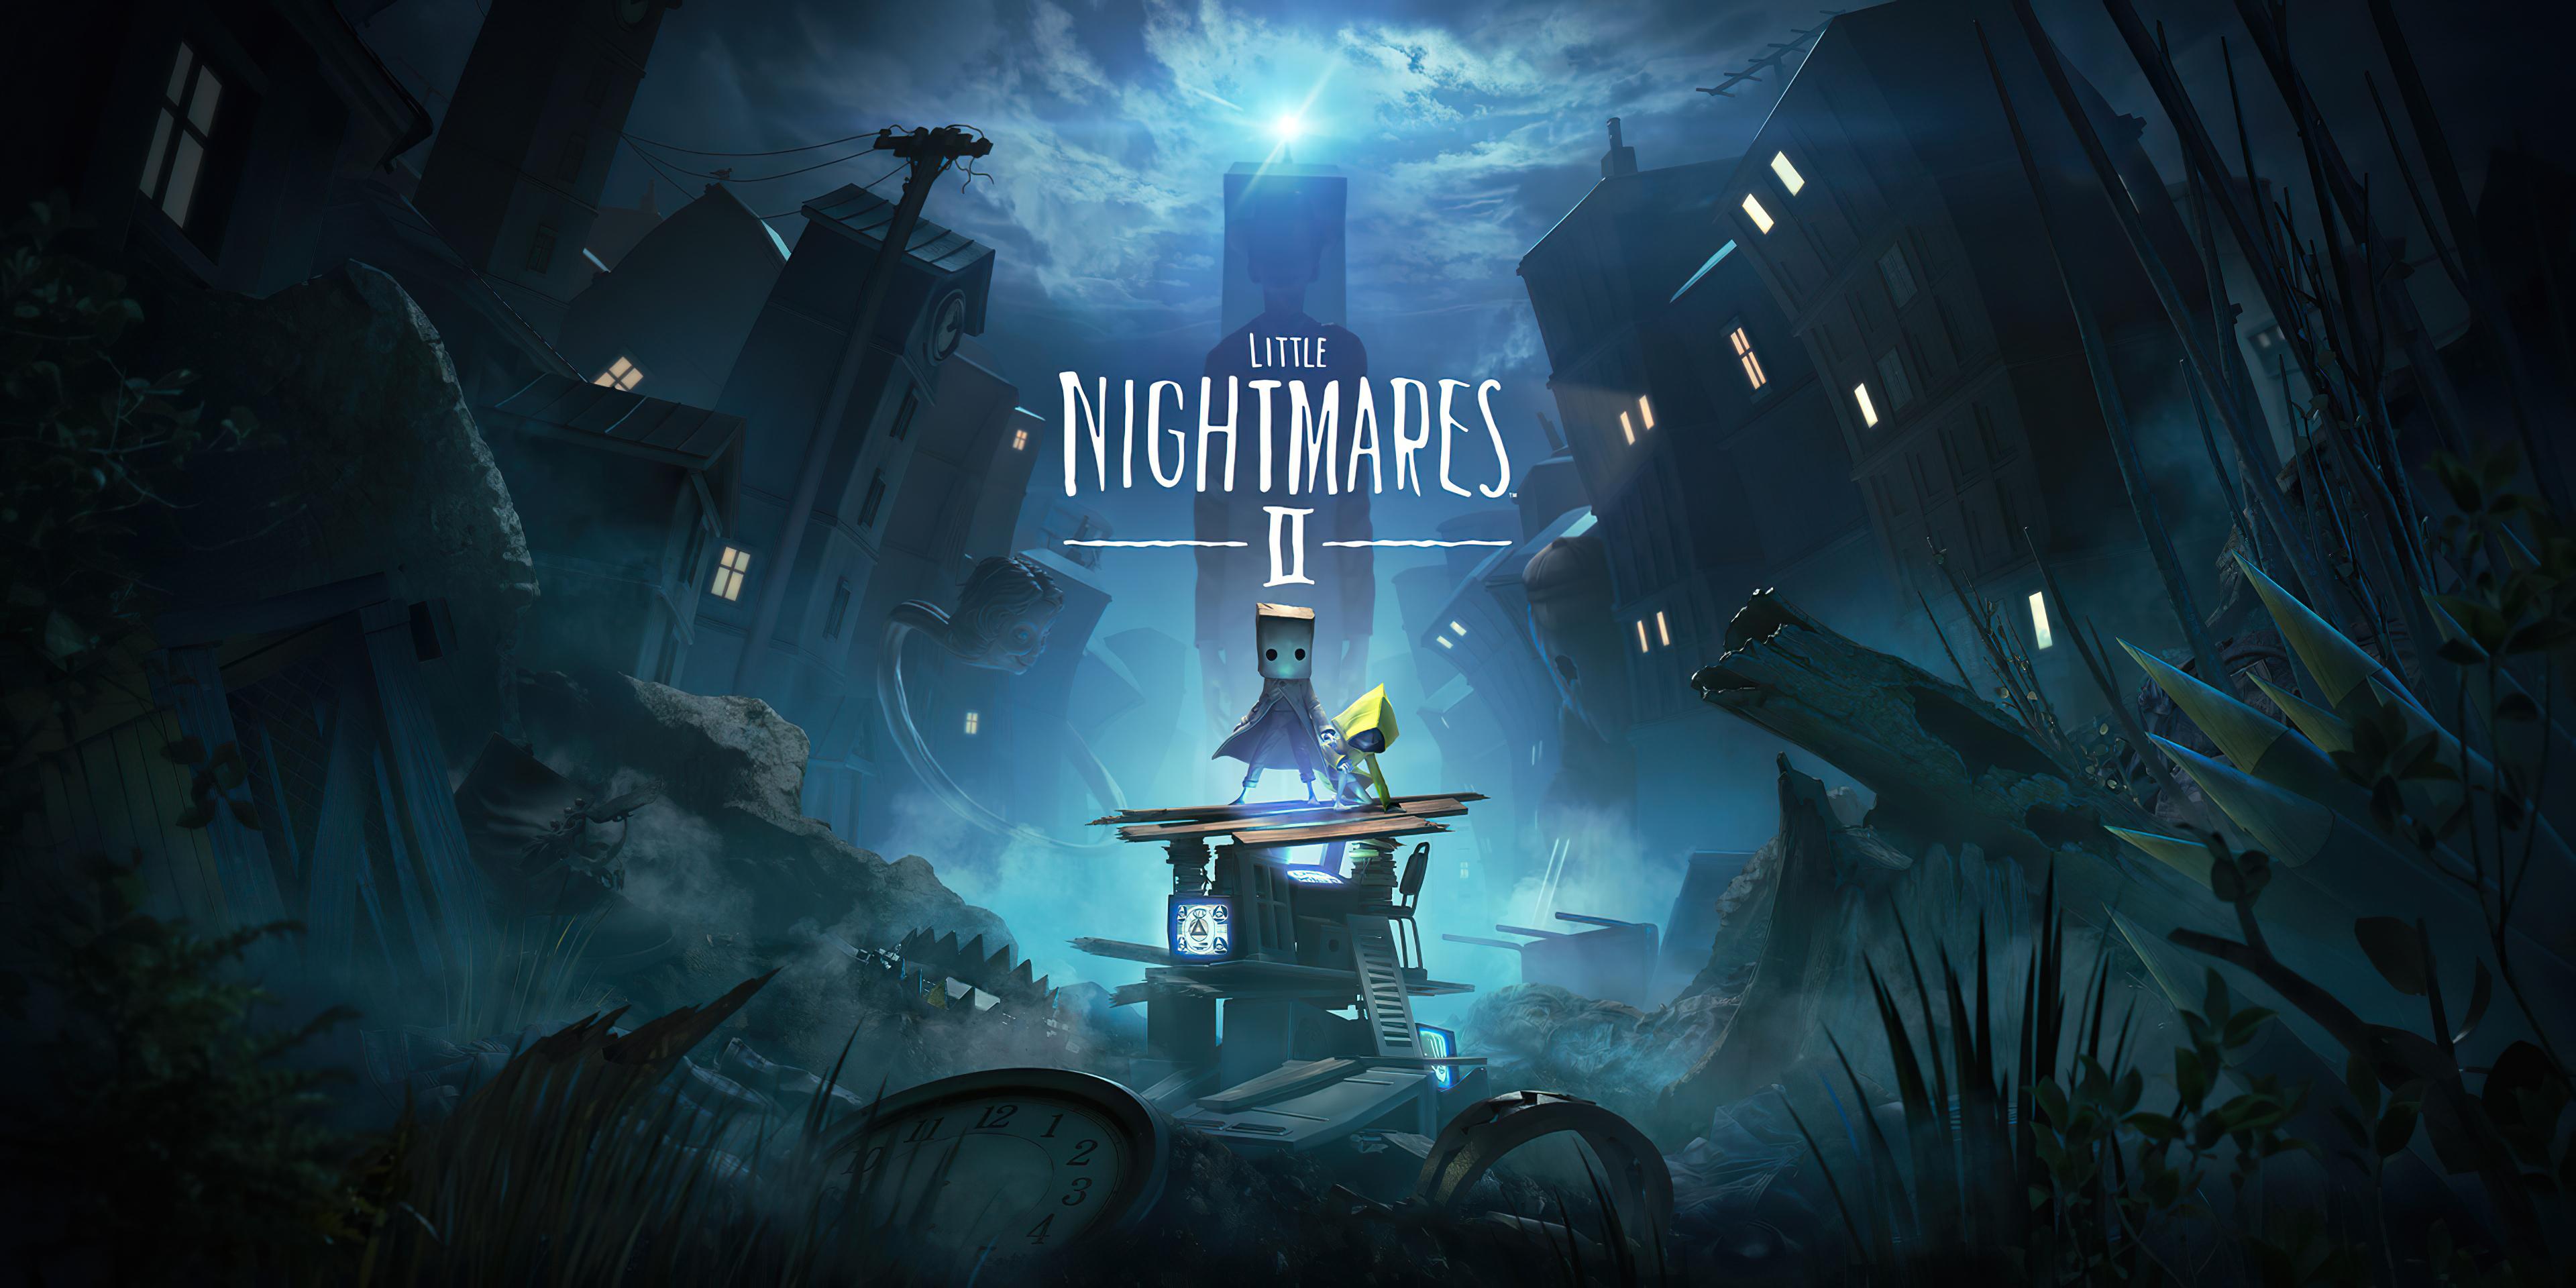 Little Nightmares 2 Wallpaper, HD Games 4K Wallpapers ...